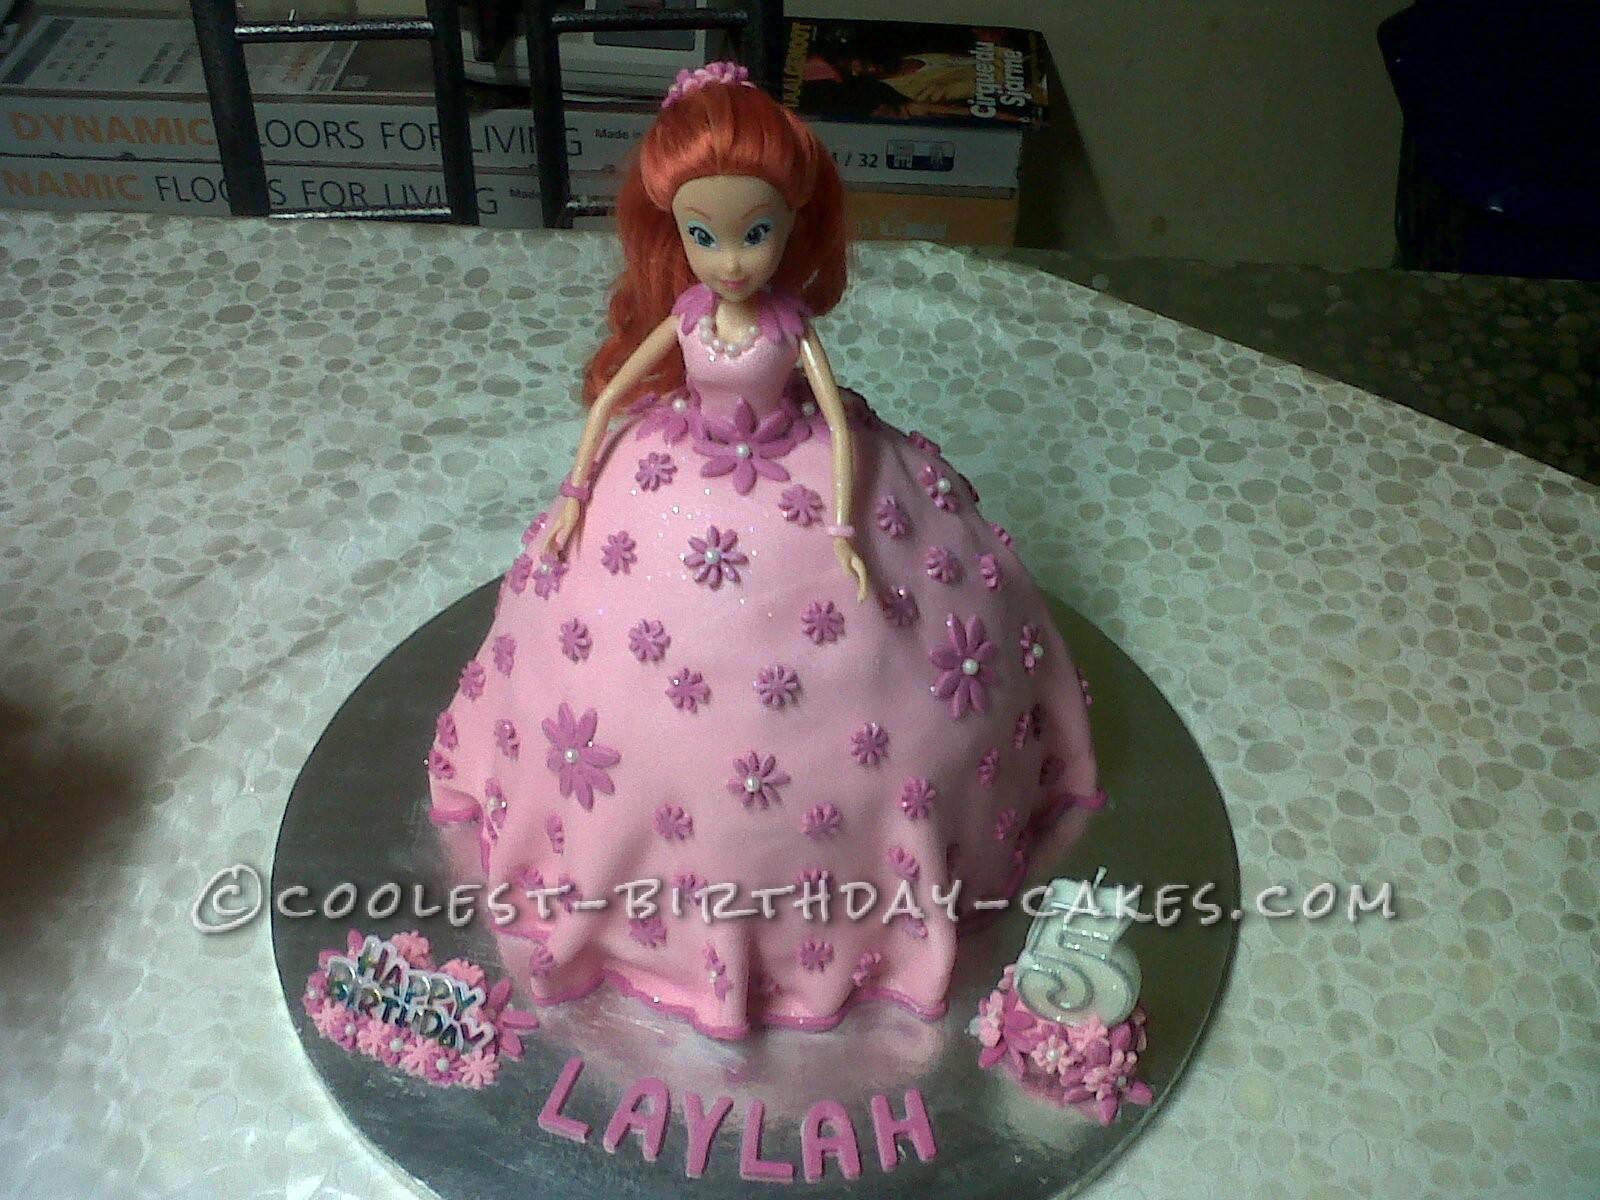 Pretty Brat Birthday Cake